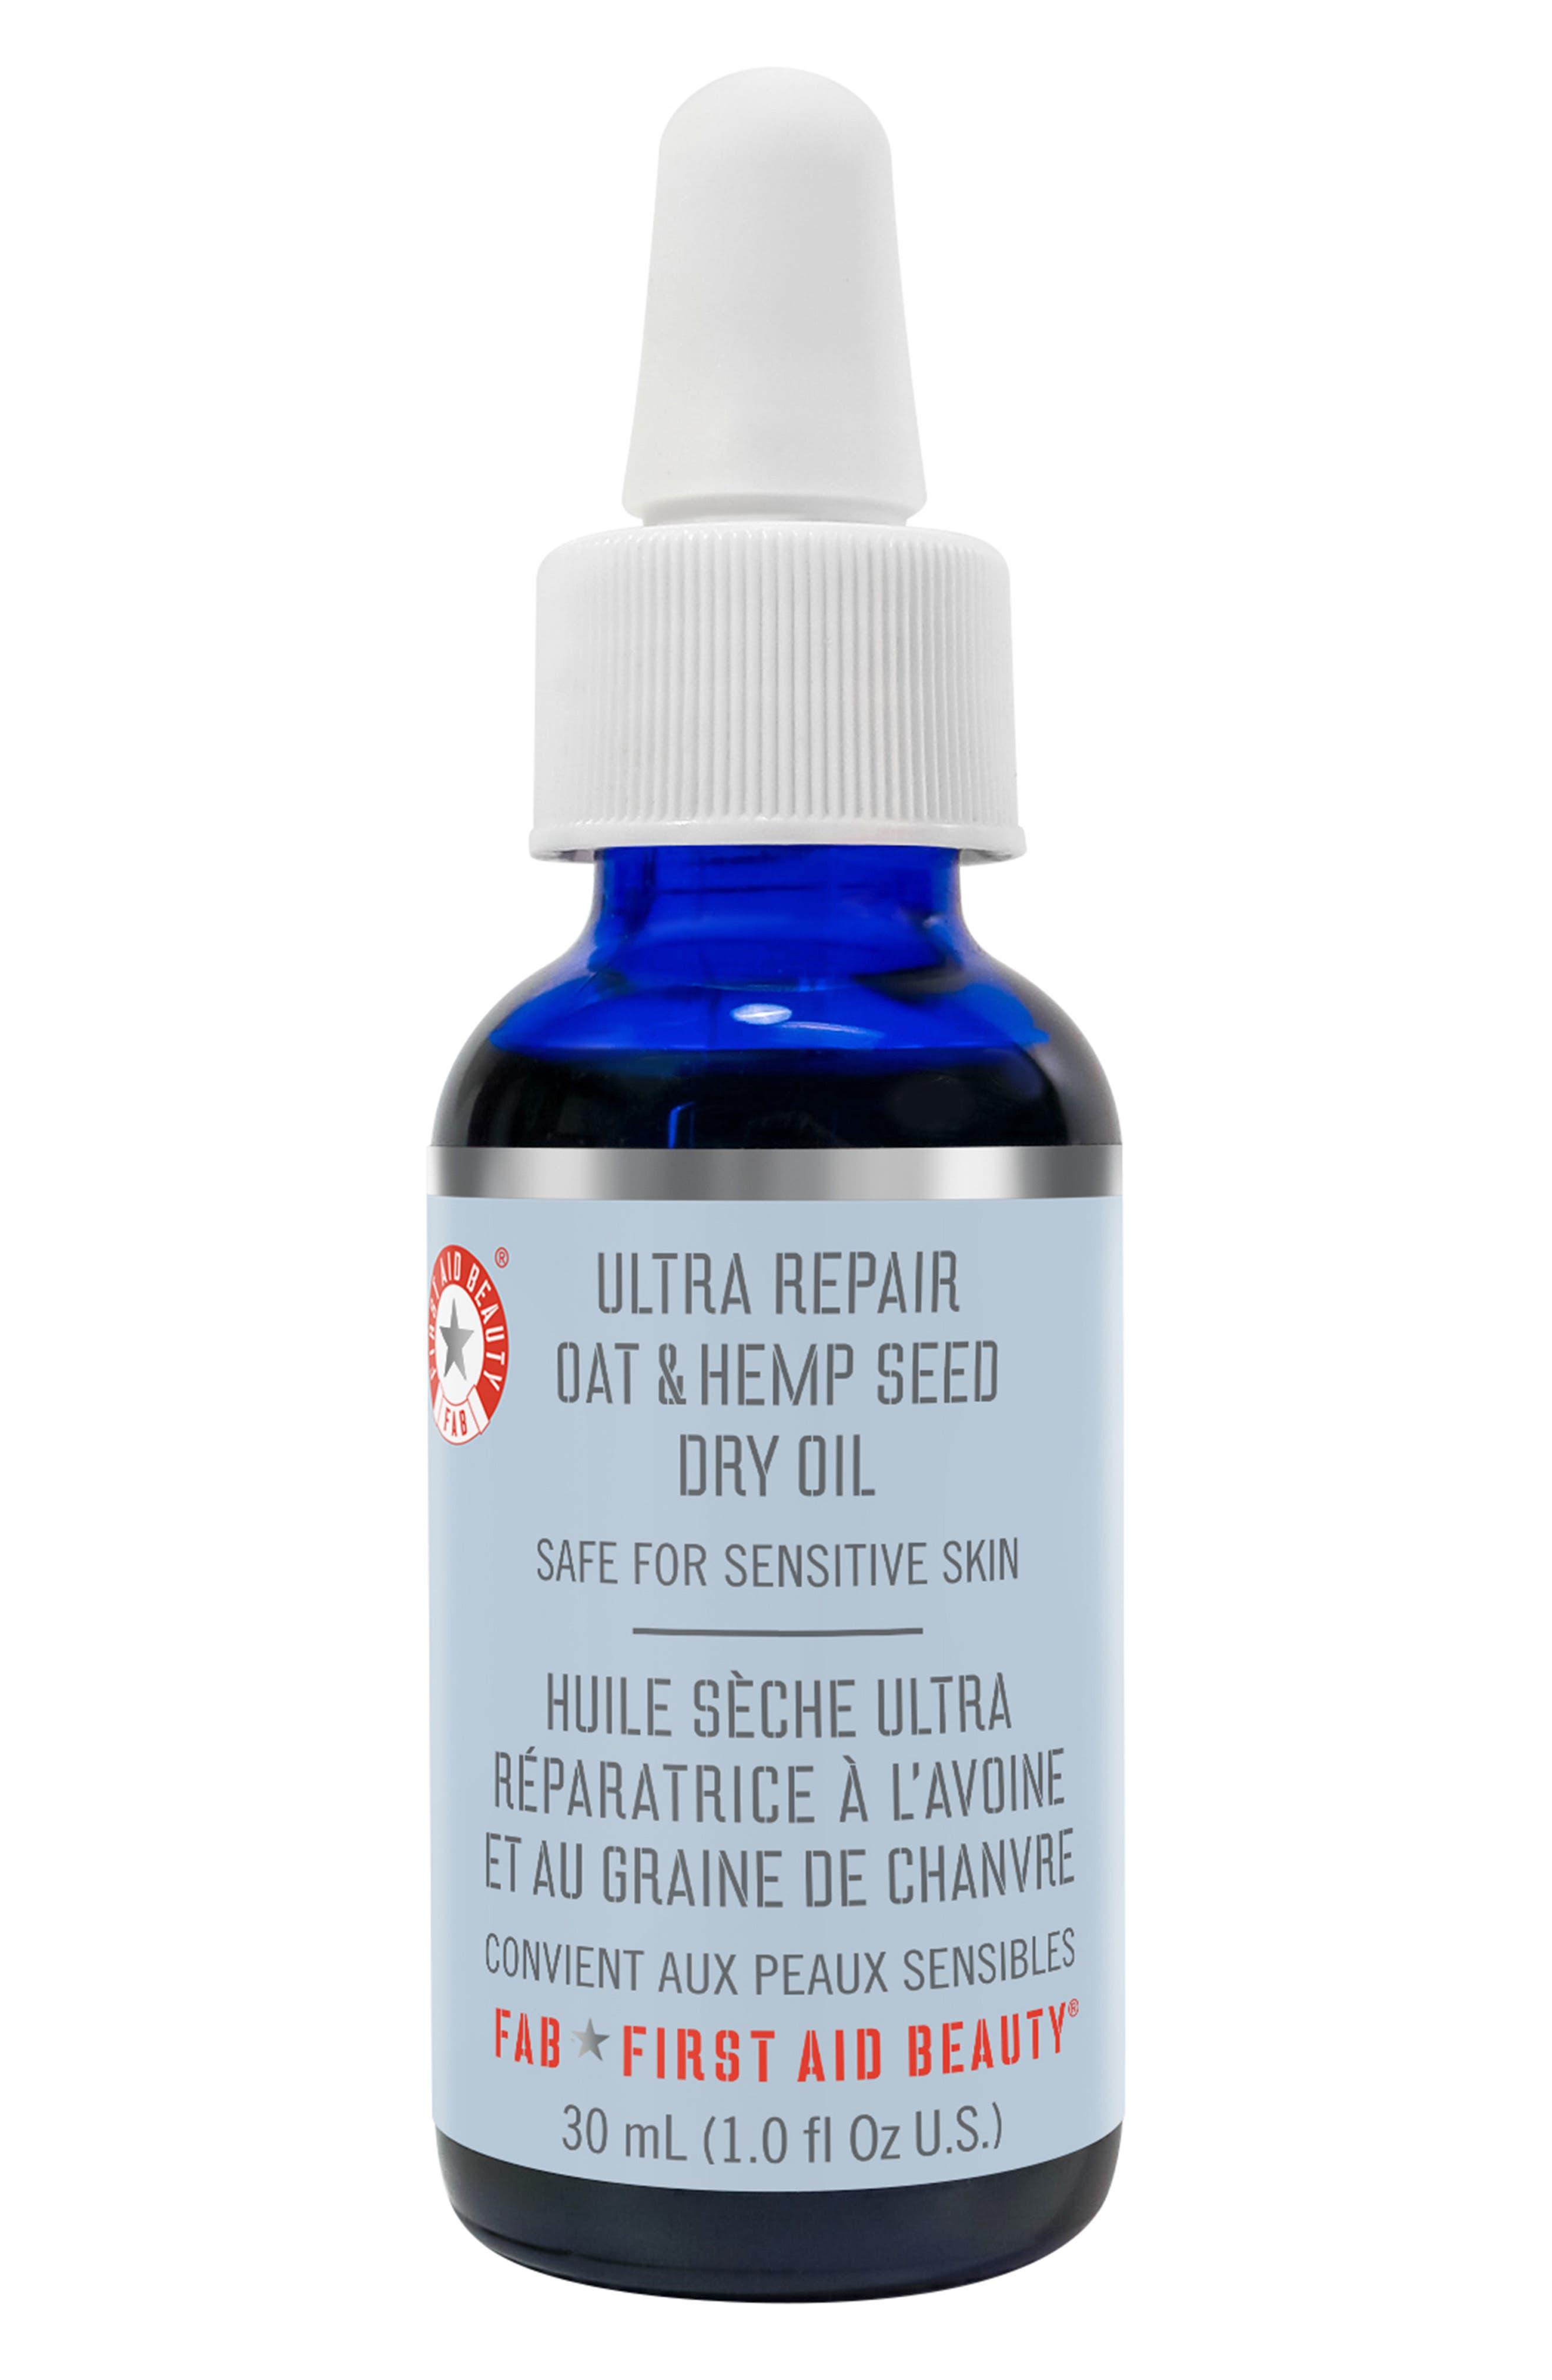 Ultra Repair Oat & Hemp Seed Dry Oil